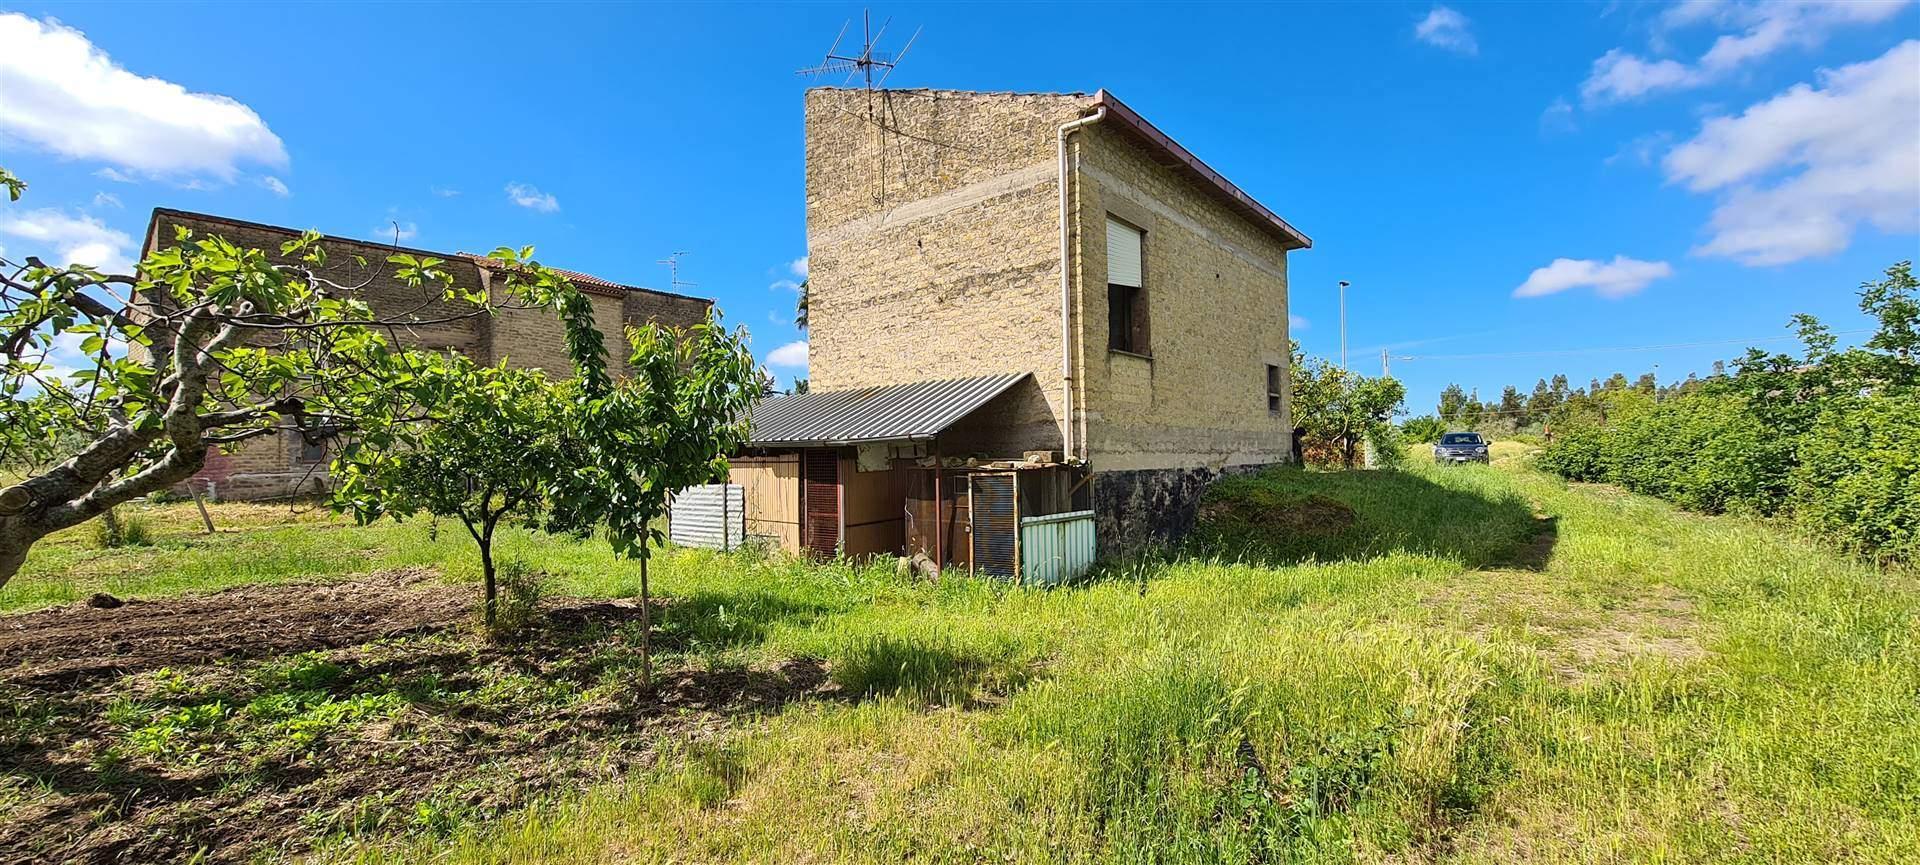 SANTI COSMA E DAMIANO, Небольшая вилла на продажу из 30 Км, Класс энергосбережения: G, состоит из: 2 Помещения, Кухонька, , 1 Комнаты, 1 Ванные,